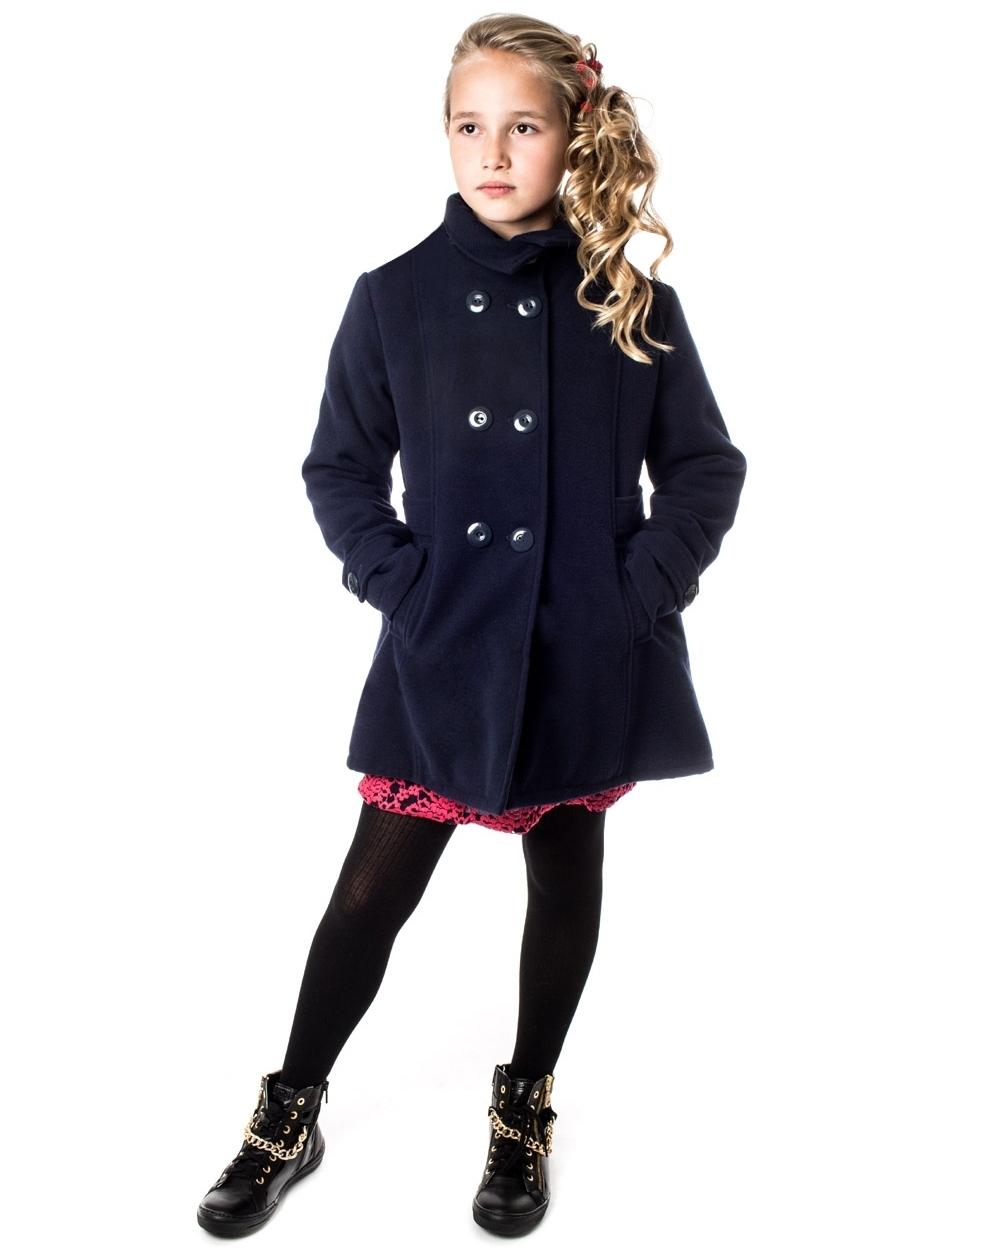 f4b504d5bca5 dievčenský flaušový zimný kabát ANGELA modrý